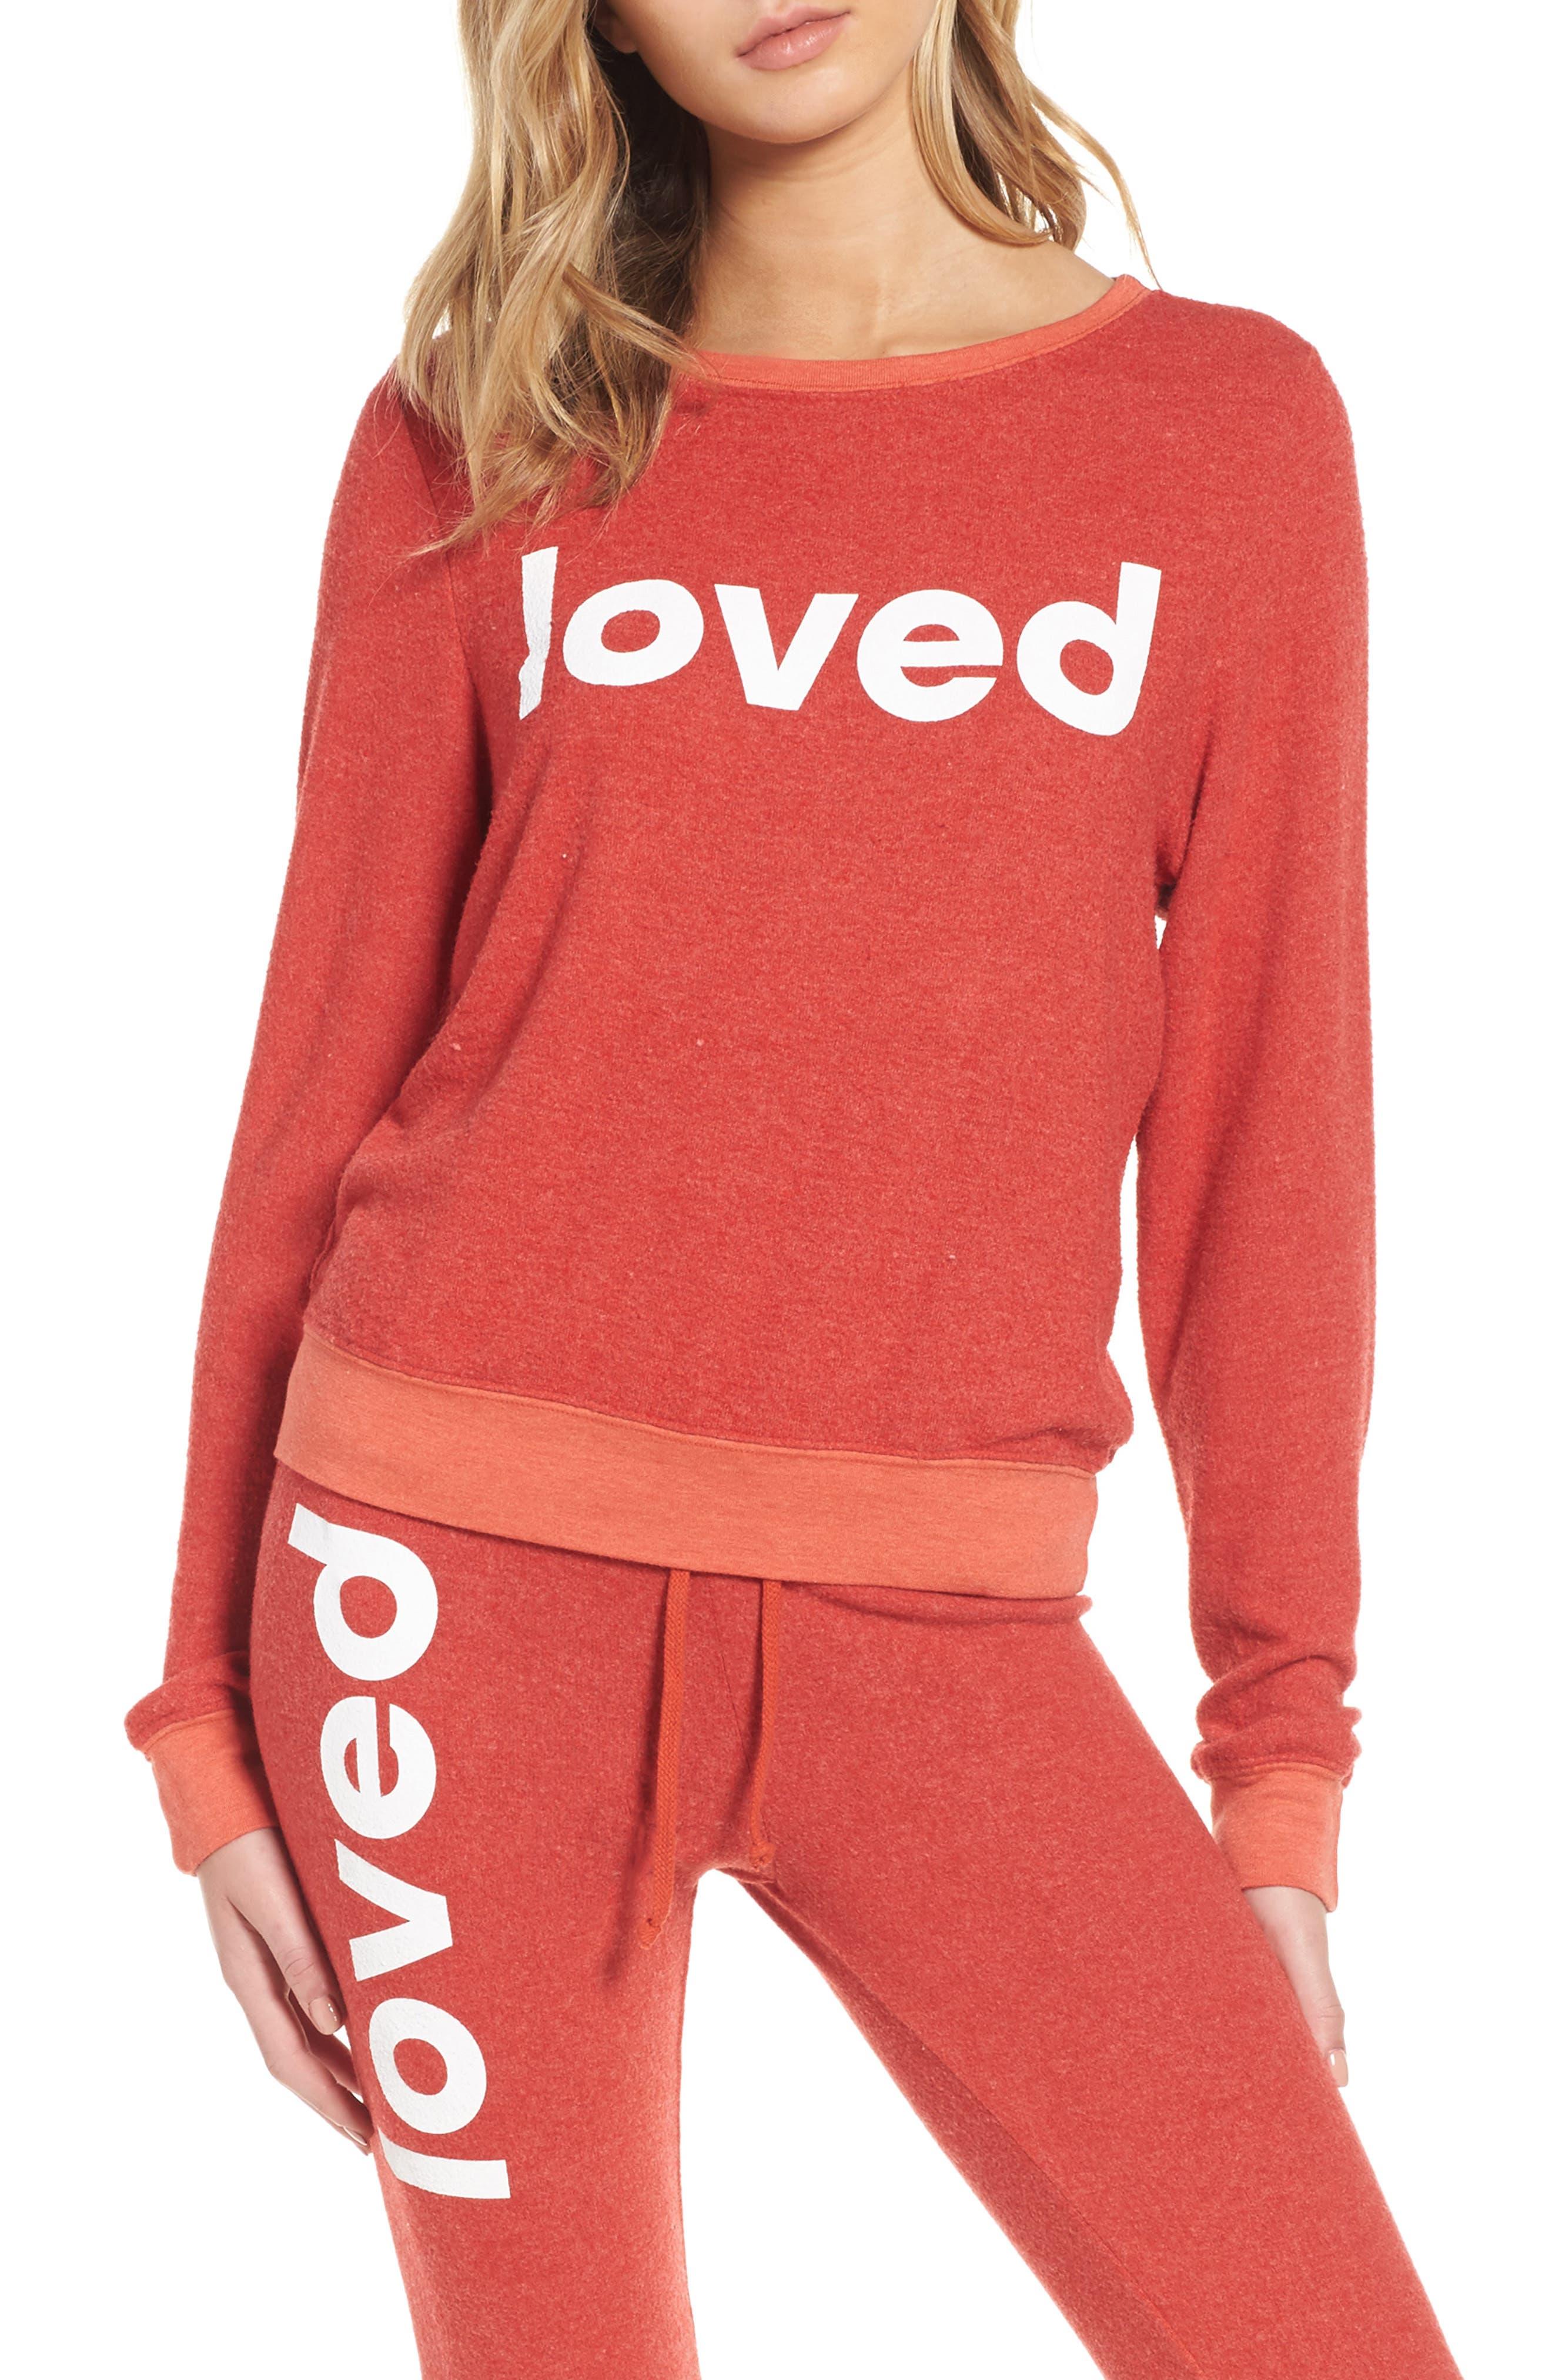 Main Image - Dream Scene Loved Sweatshirt